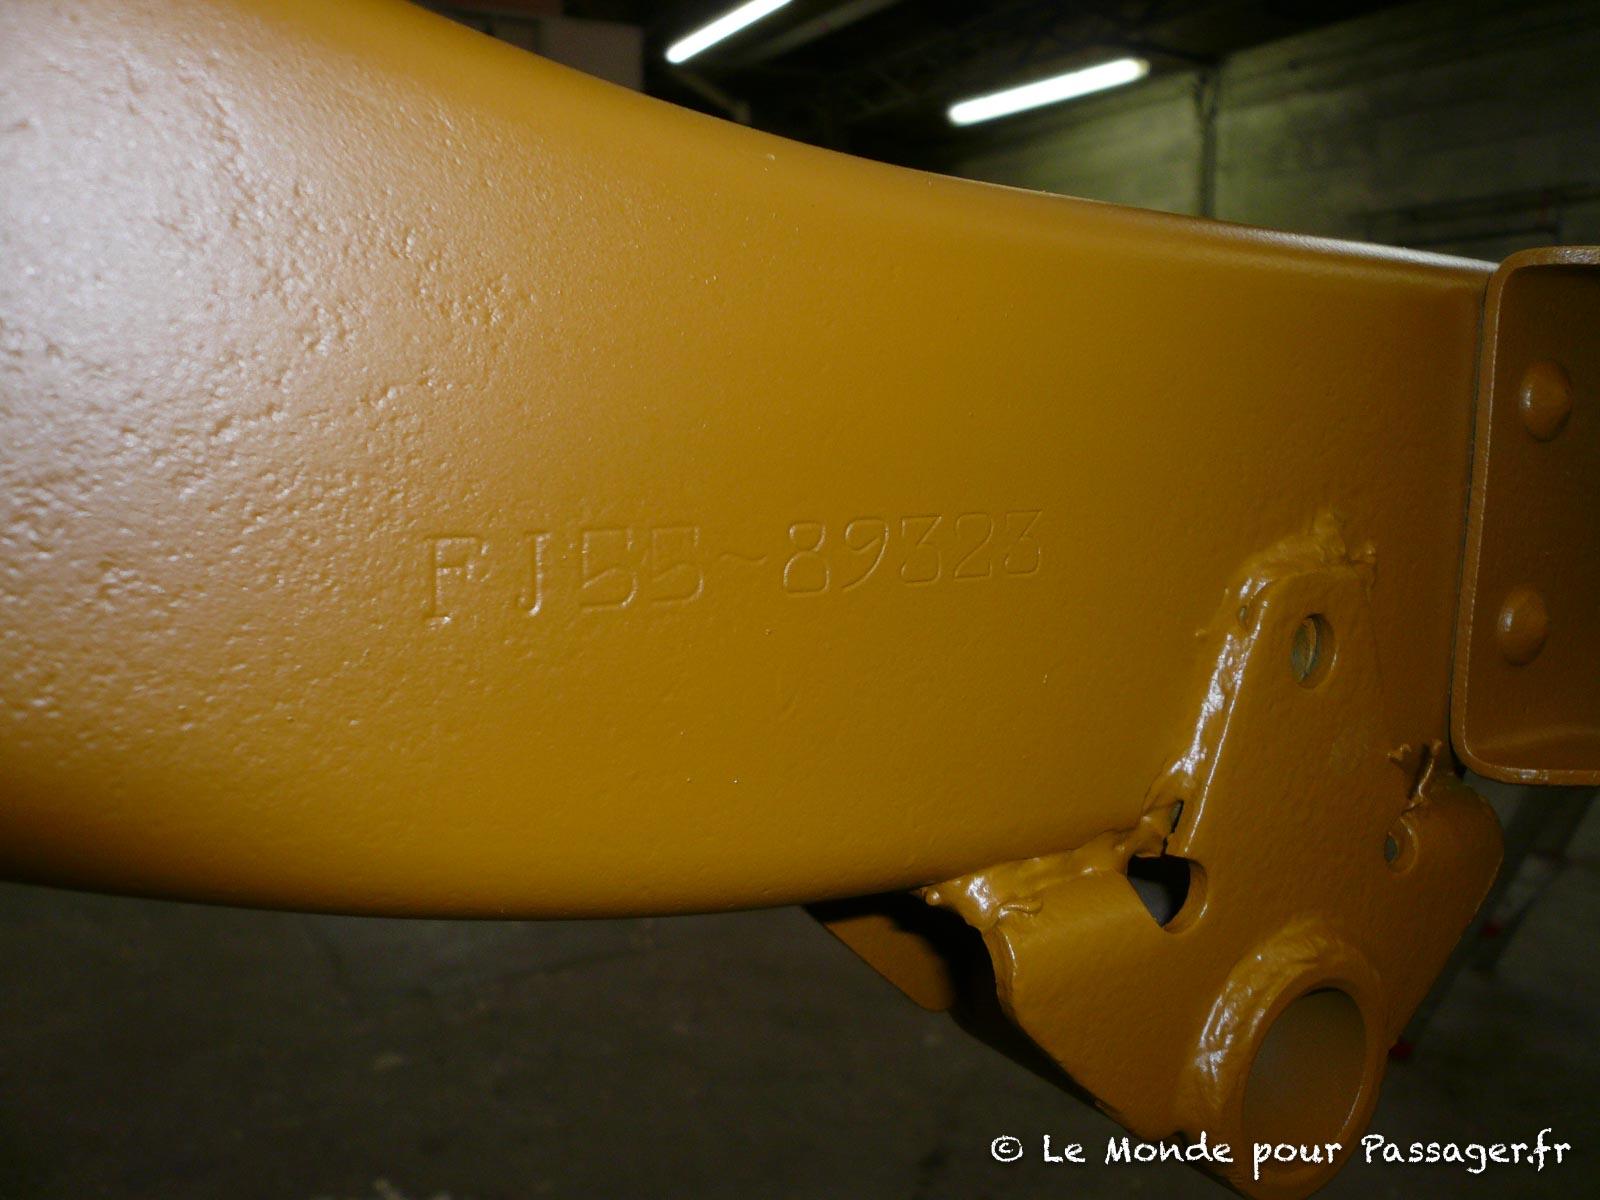 Fj55-Restauration056